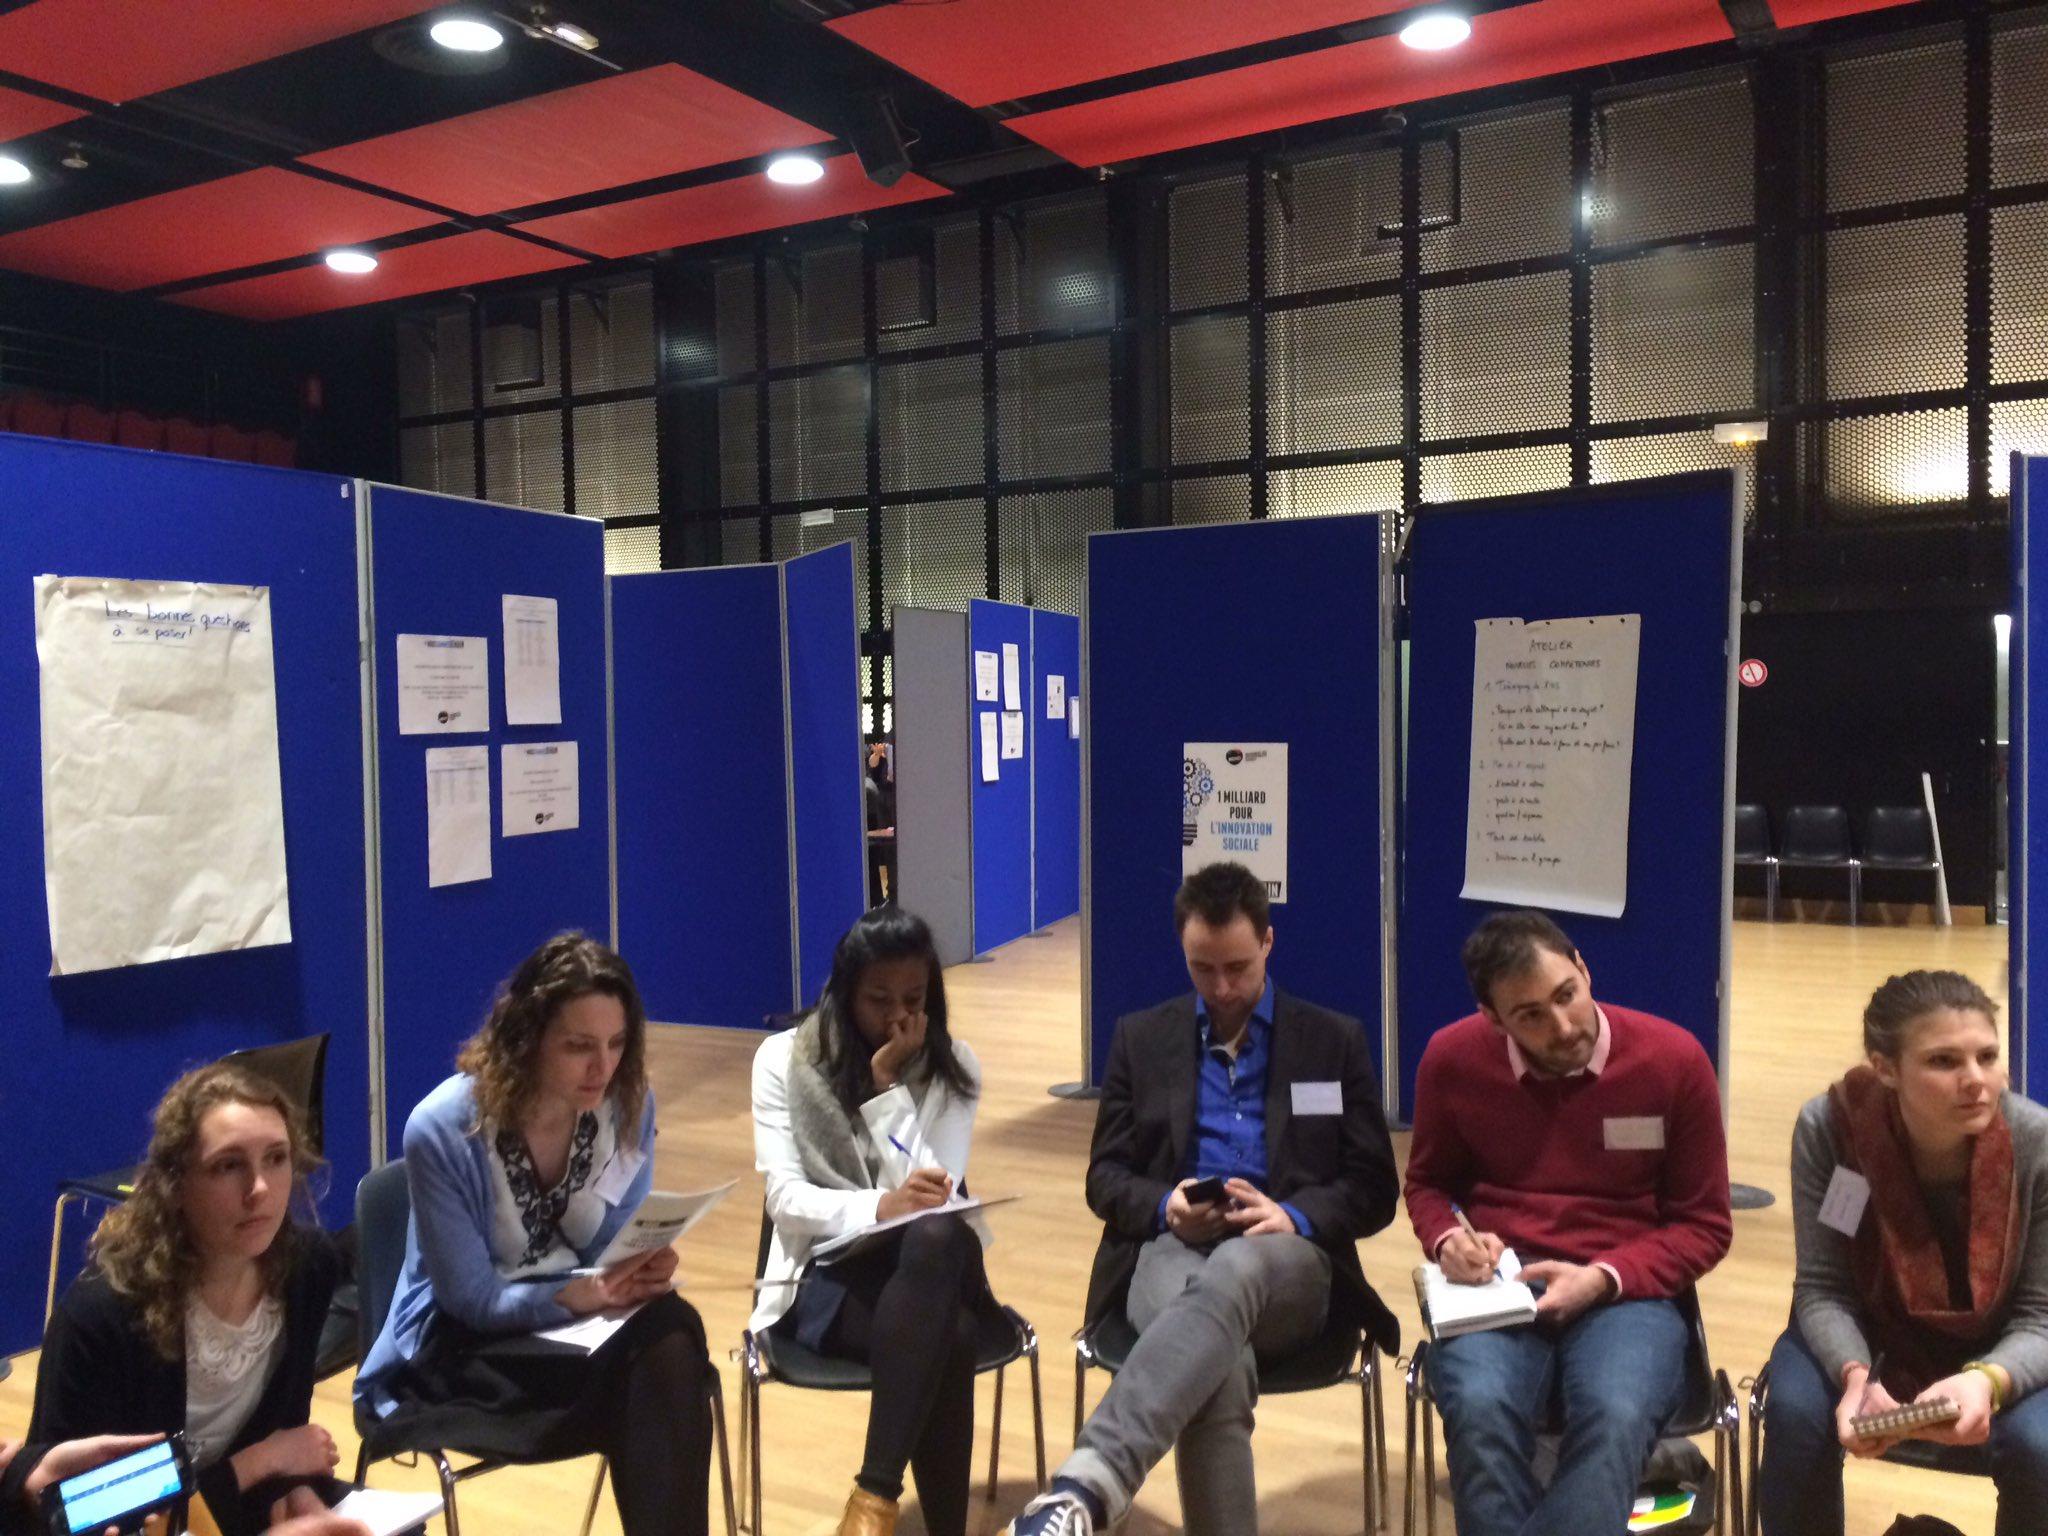 Témoignage de @Siel bleu sur la mesure d'impact avec @Mouves_ES ! #noussommesdemain https://t.co/rPirhRsJoE